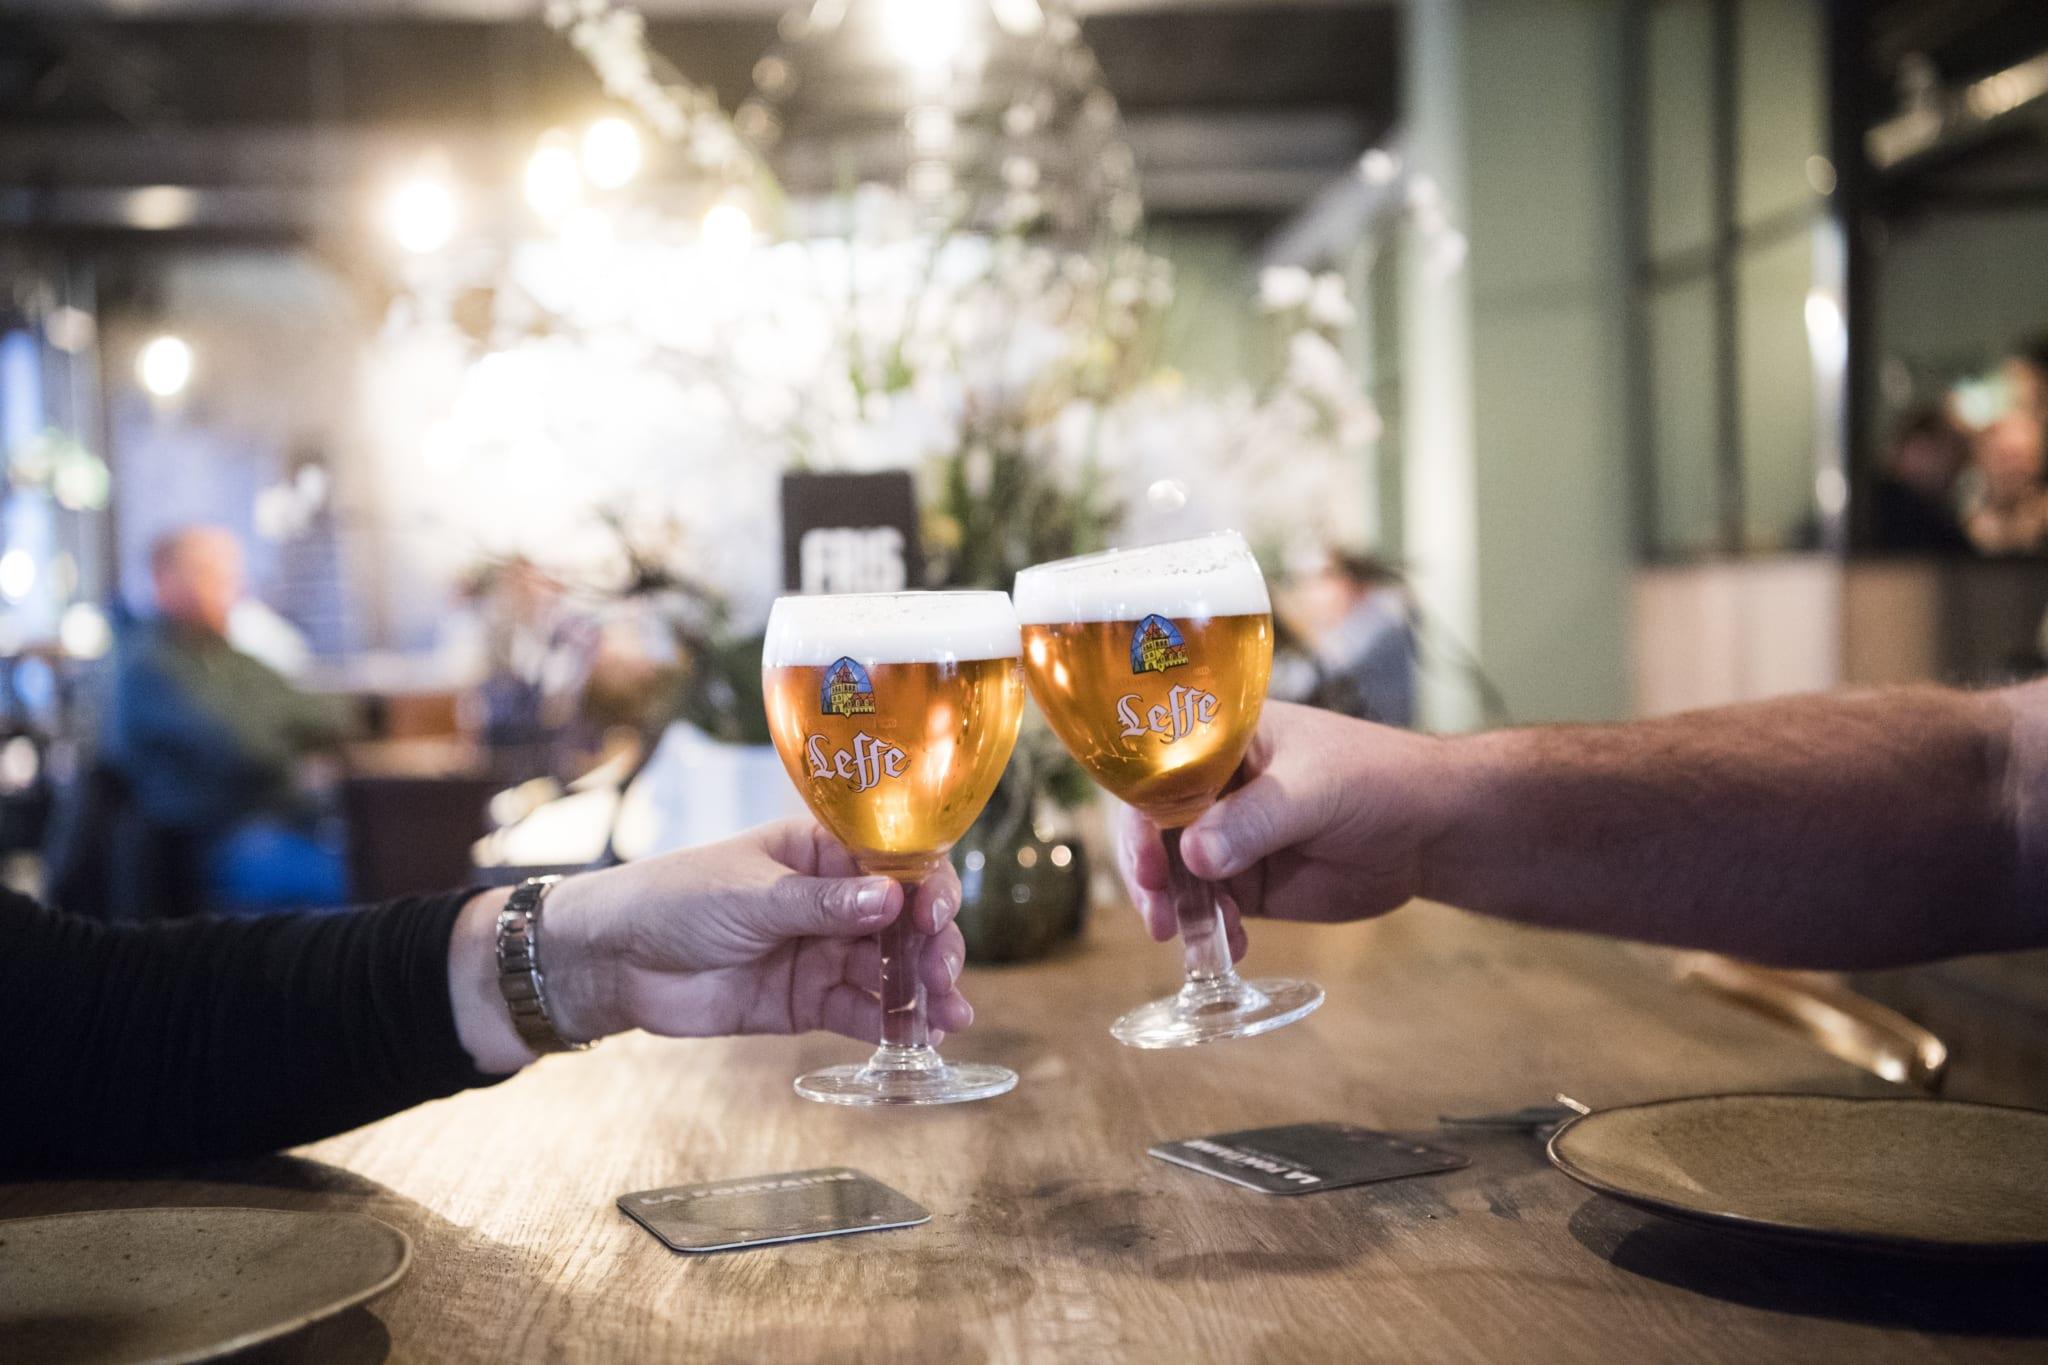 La Fontaine Bier arrangement